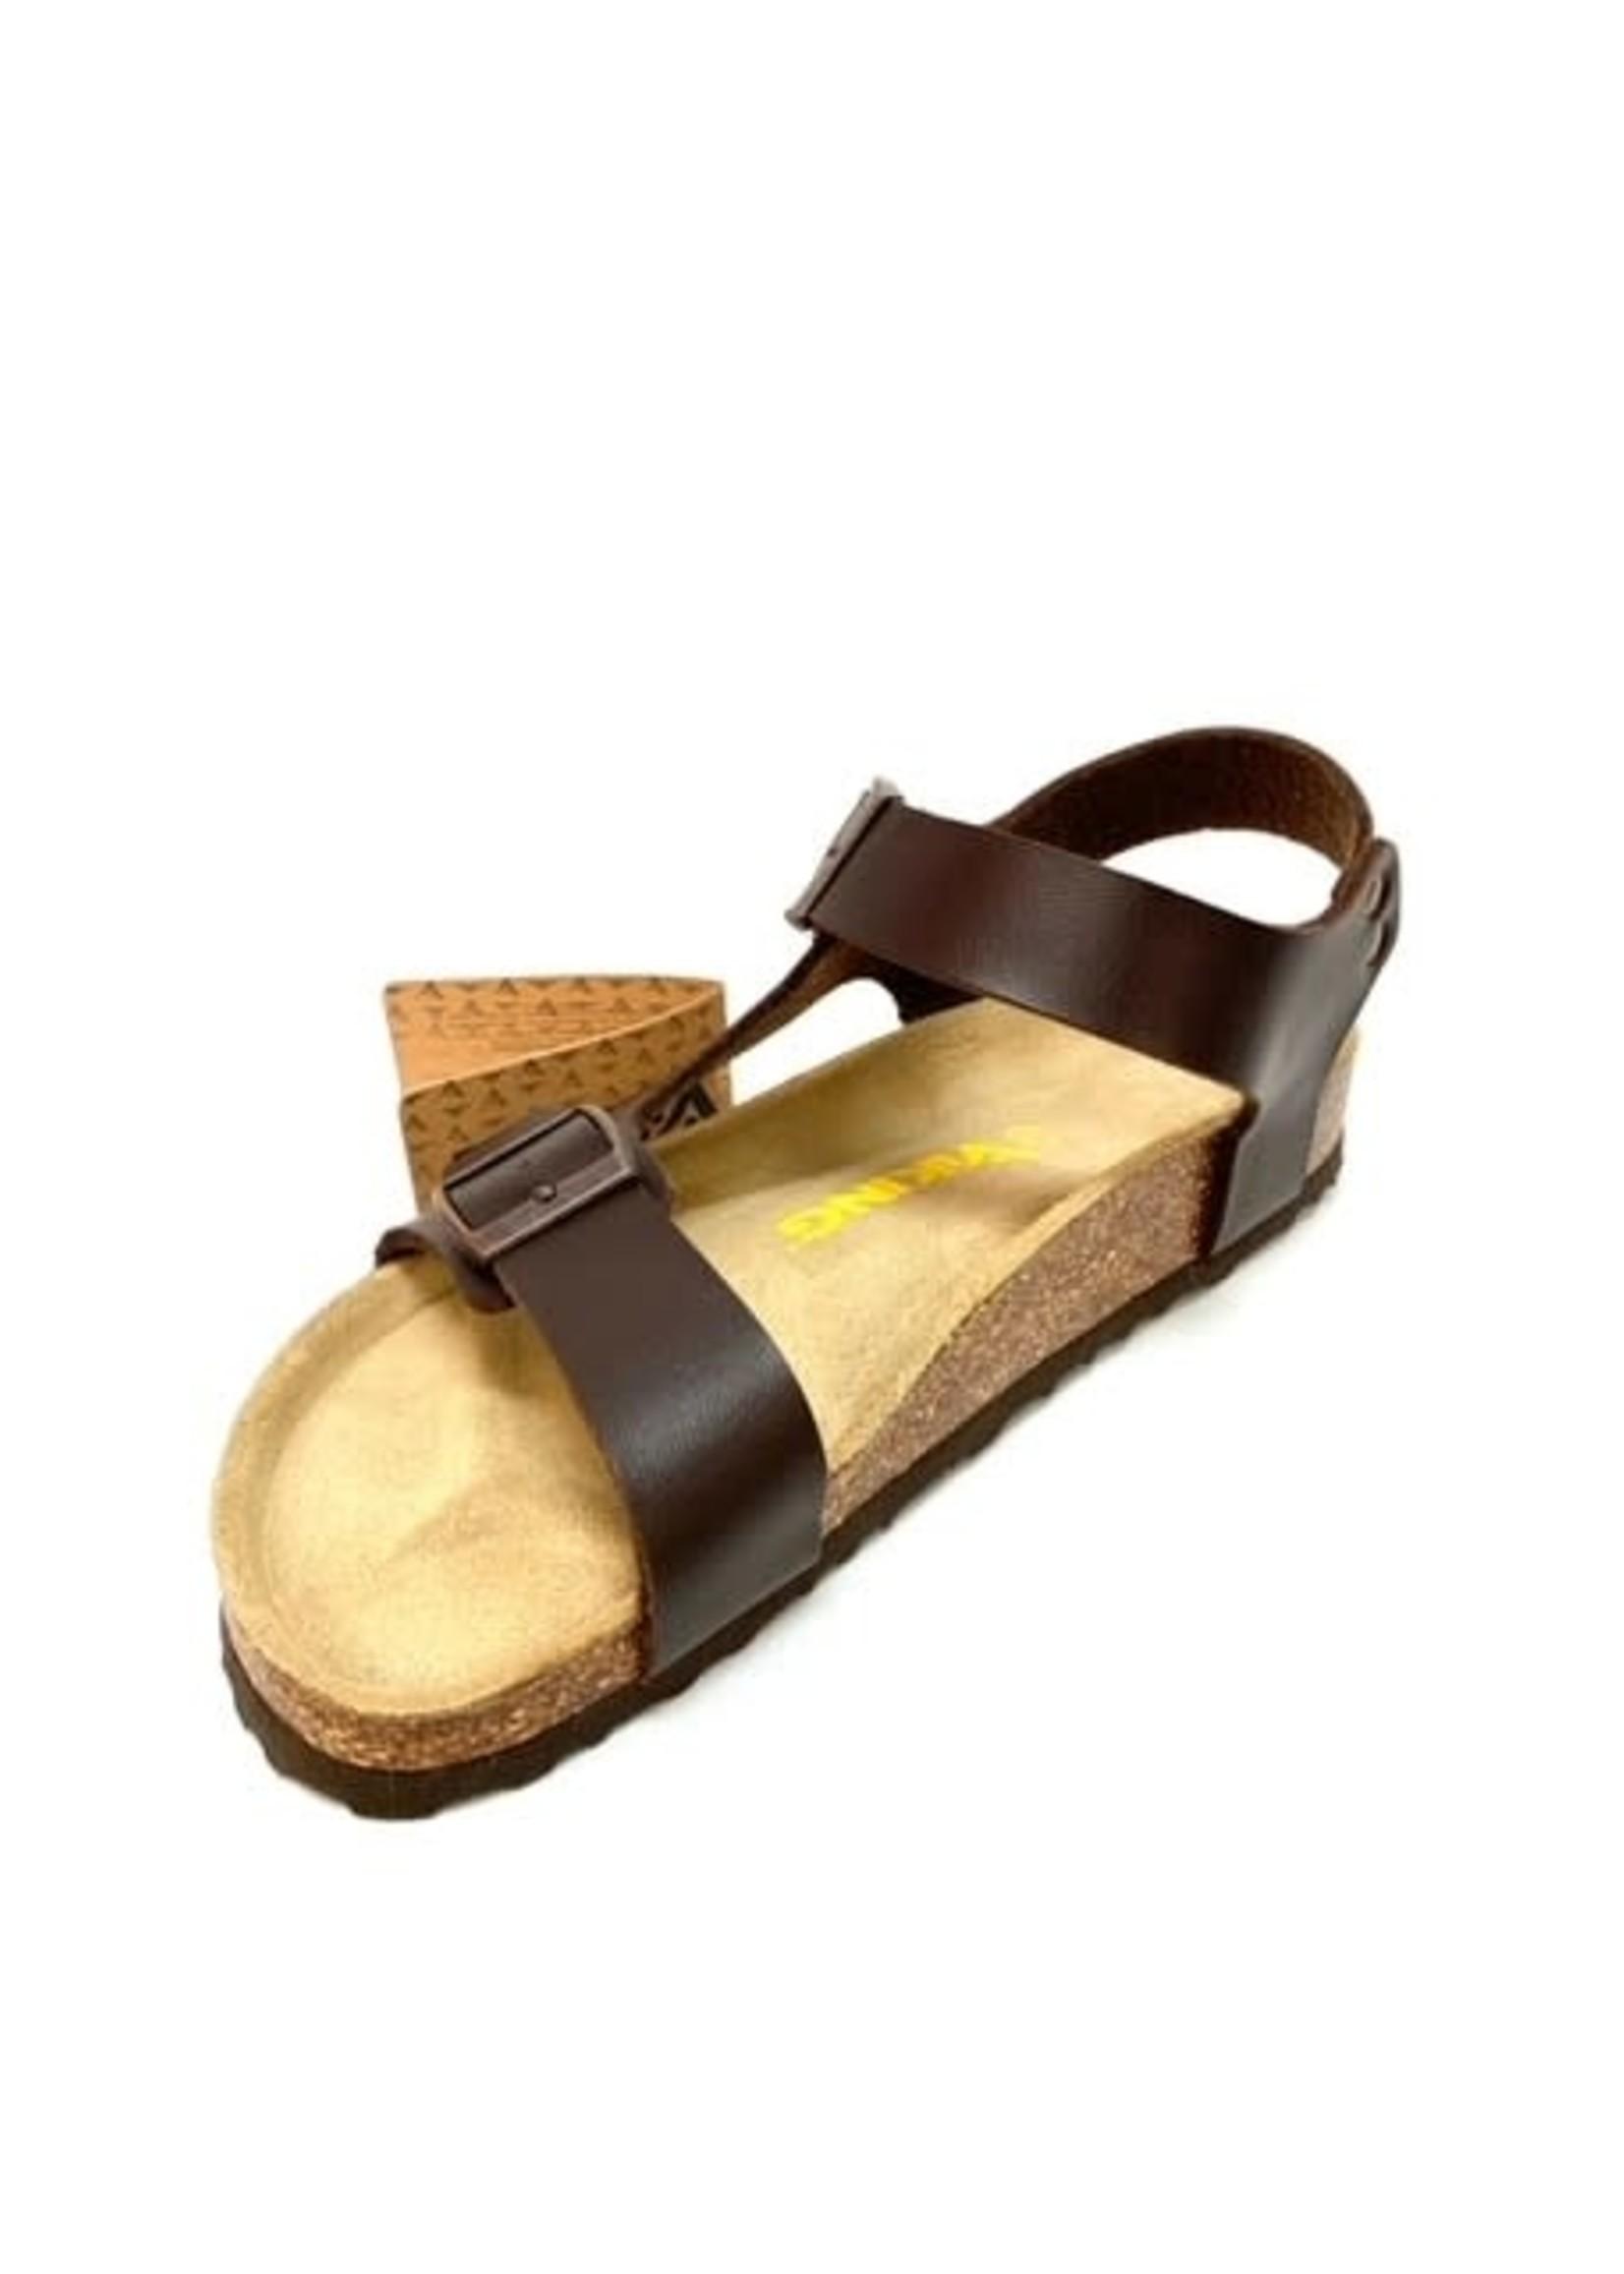 Viking Belair Viking sandal